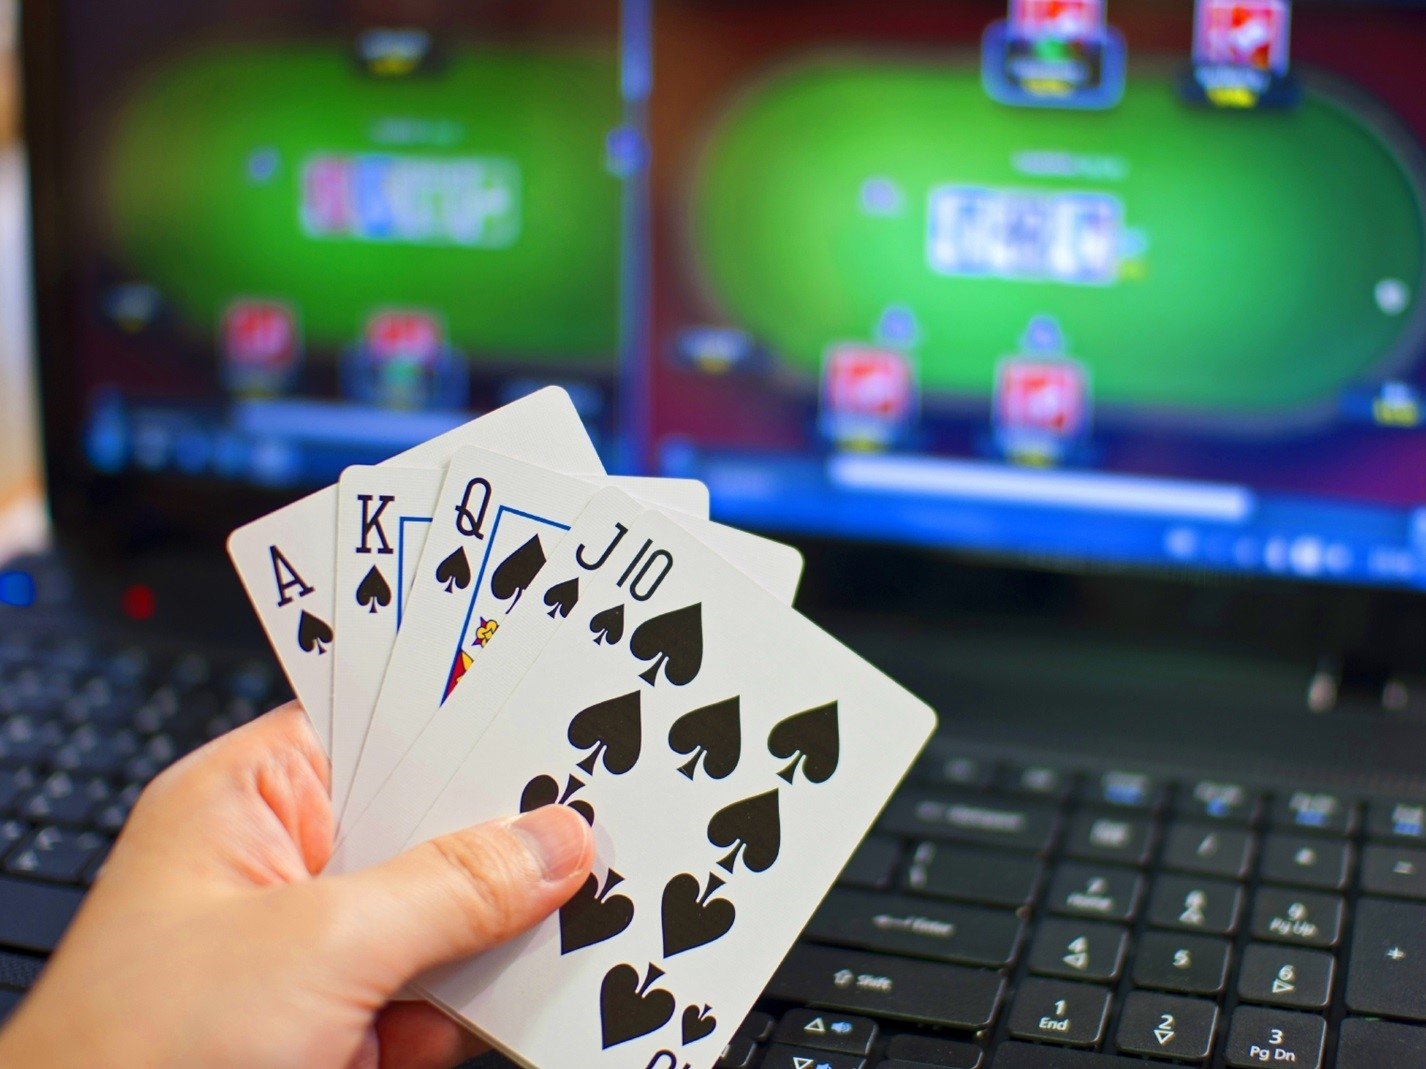 ТОП-5 вещей, о которых надо узнать перед игрой в онлайн-покер